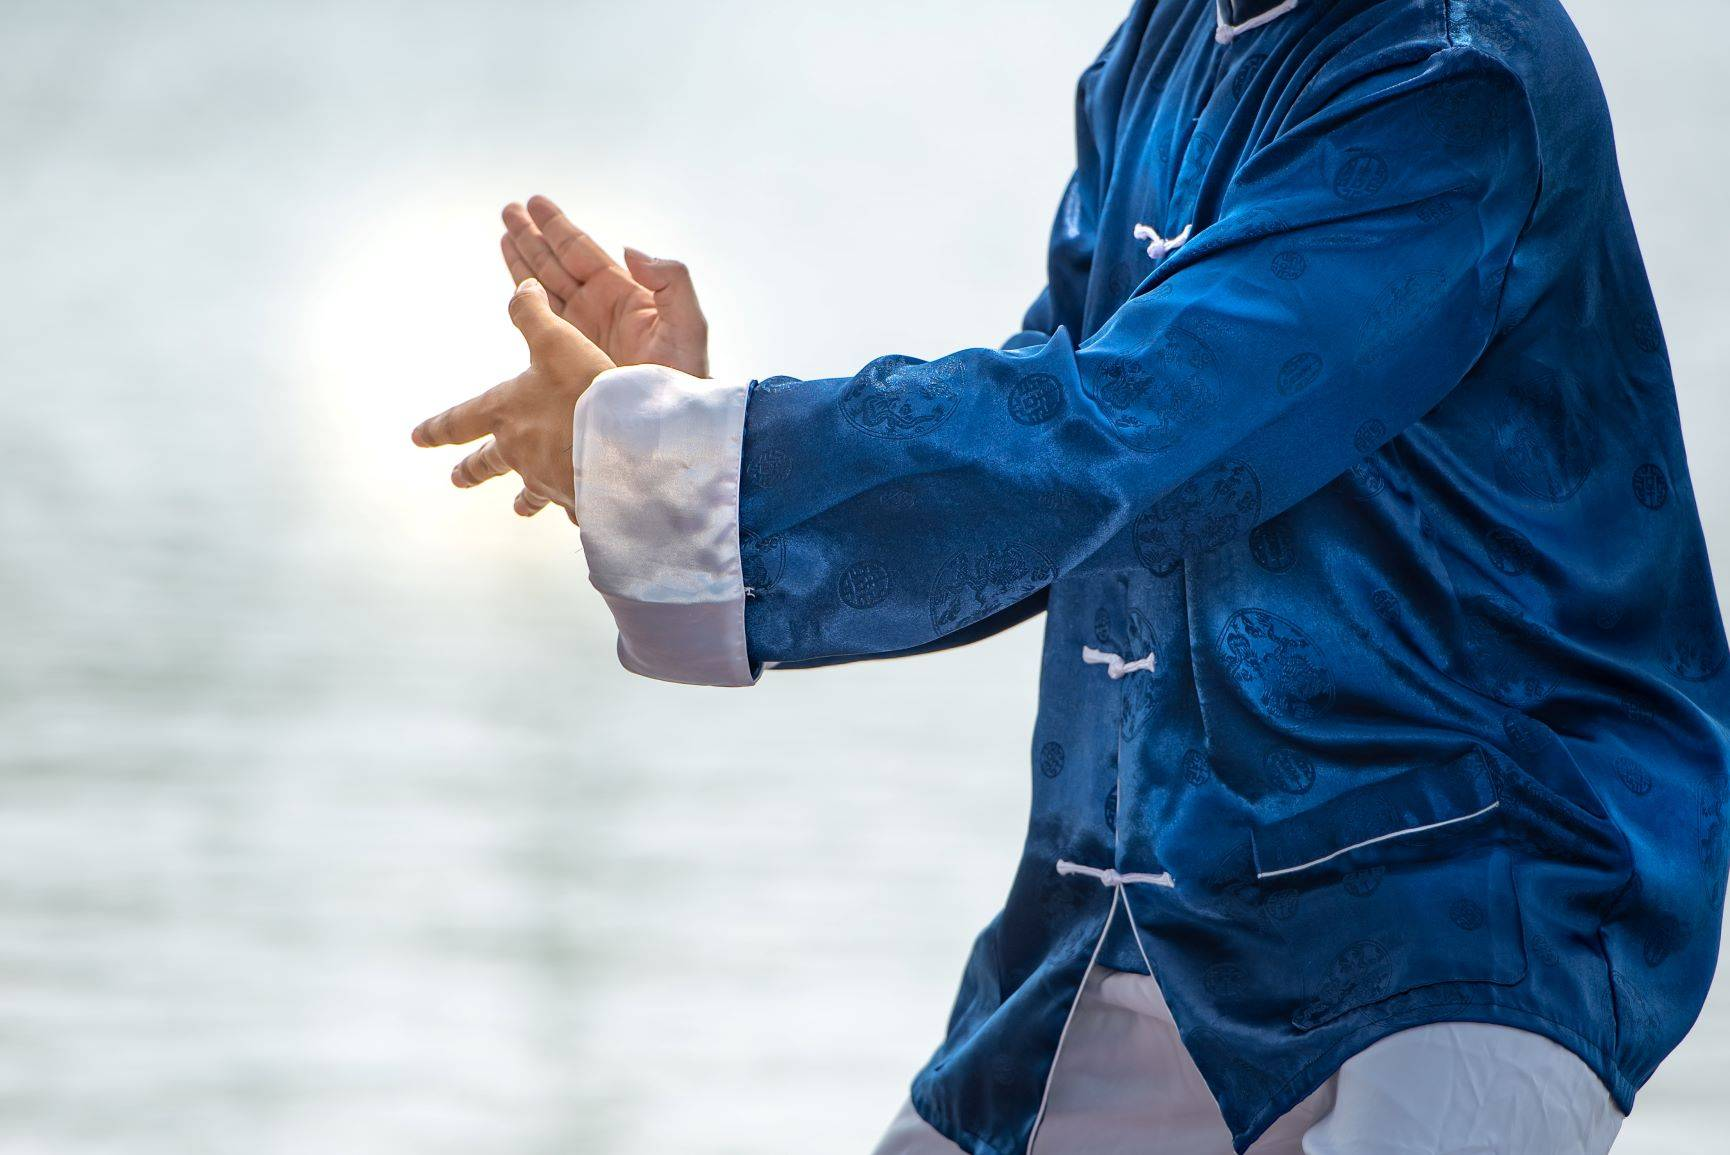 Jak wygląda praktyka tai chi? Medytacja w ruchu.